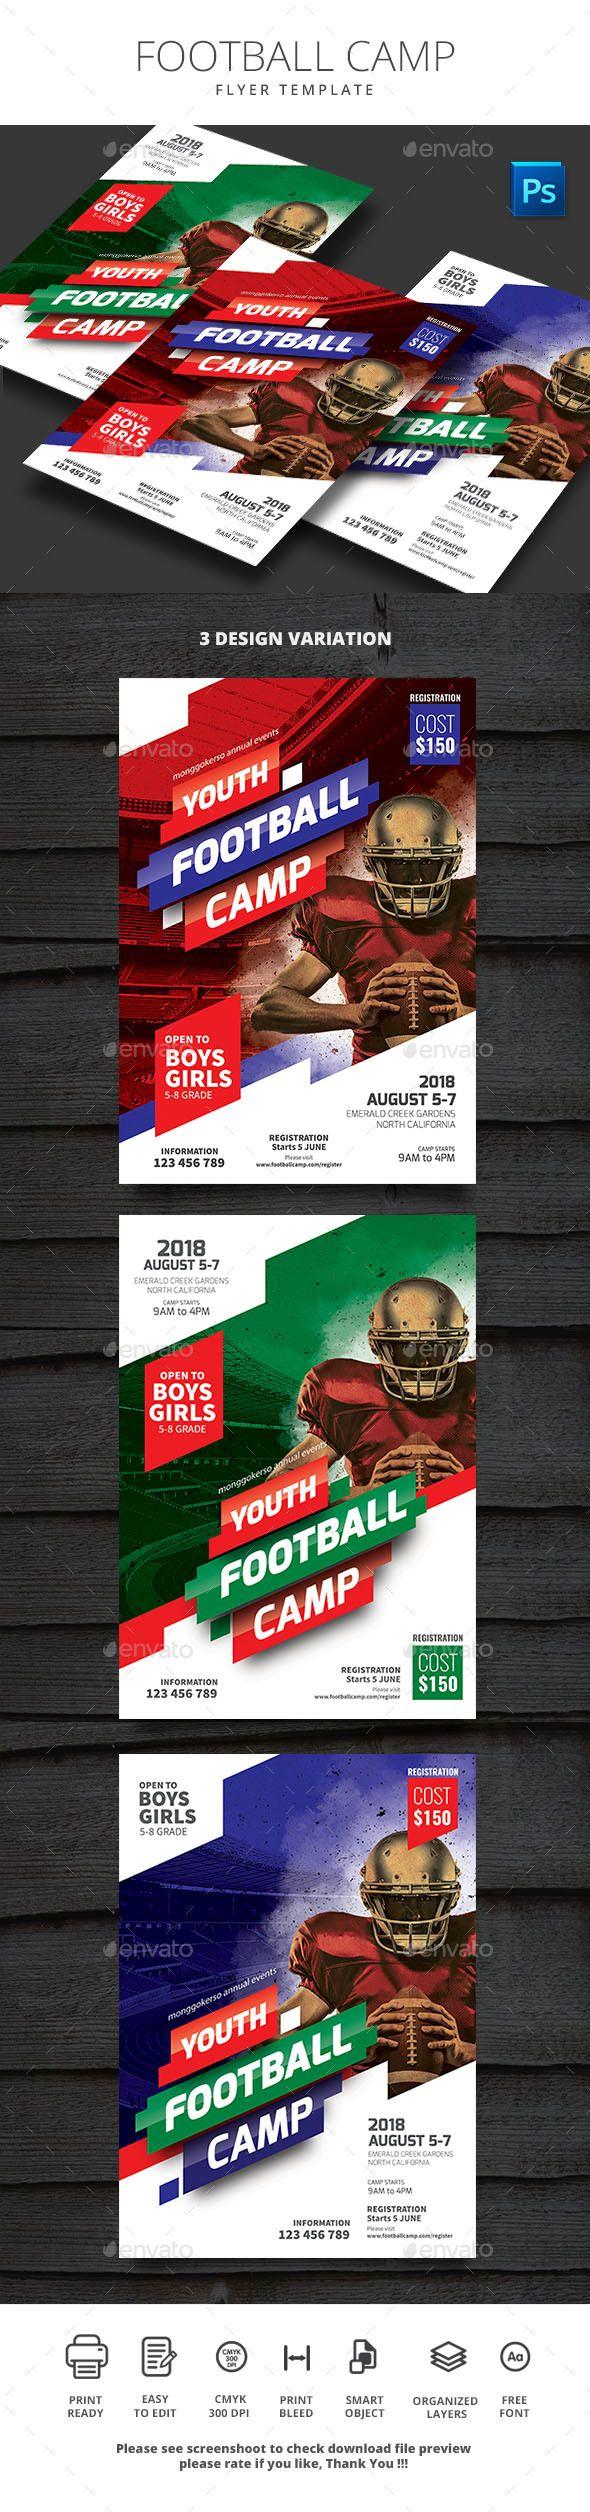 Football Camp Flyer Football Camp Flyer Facebook Pinterest - Football camp flyer template